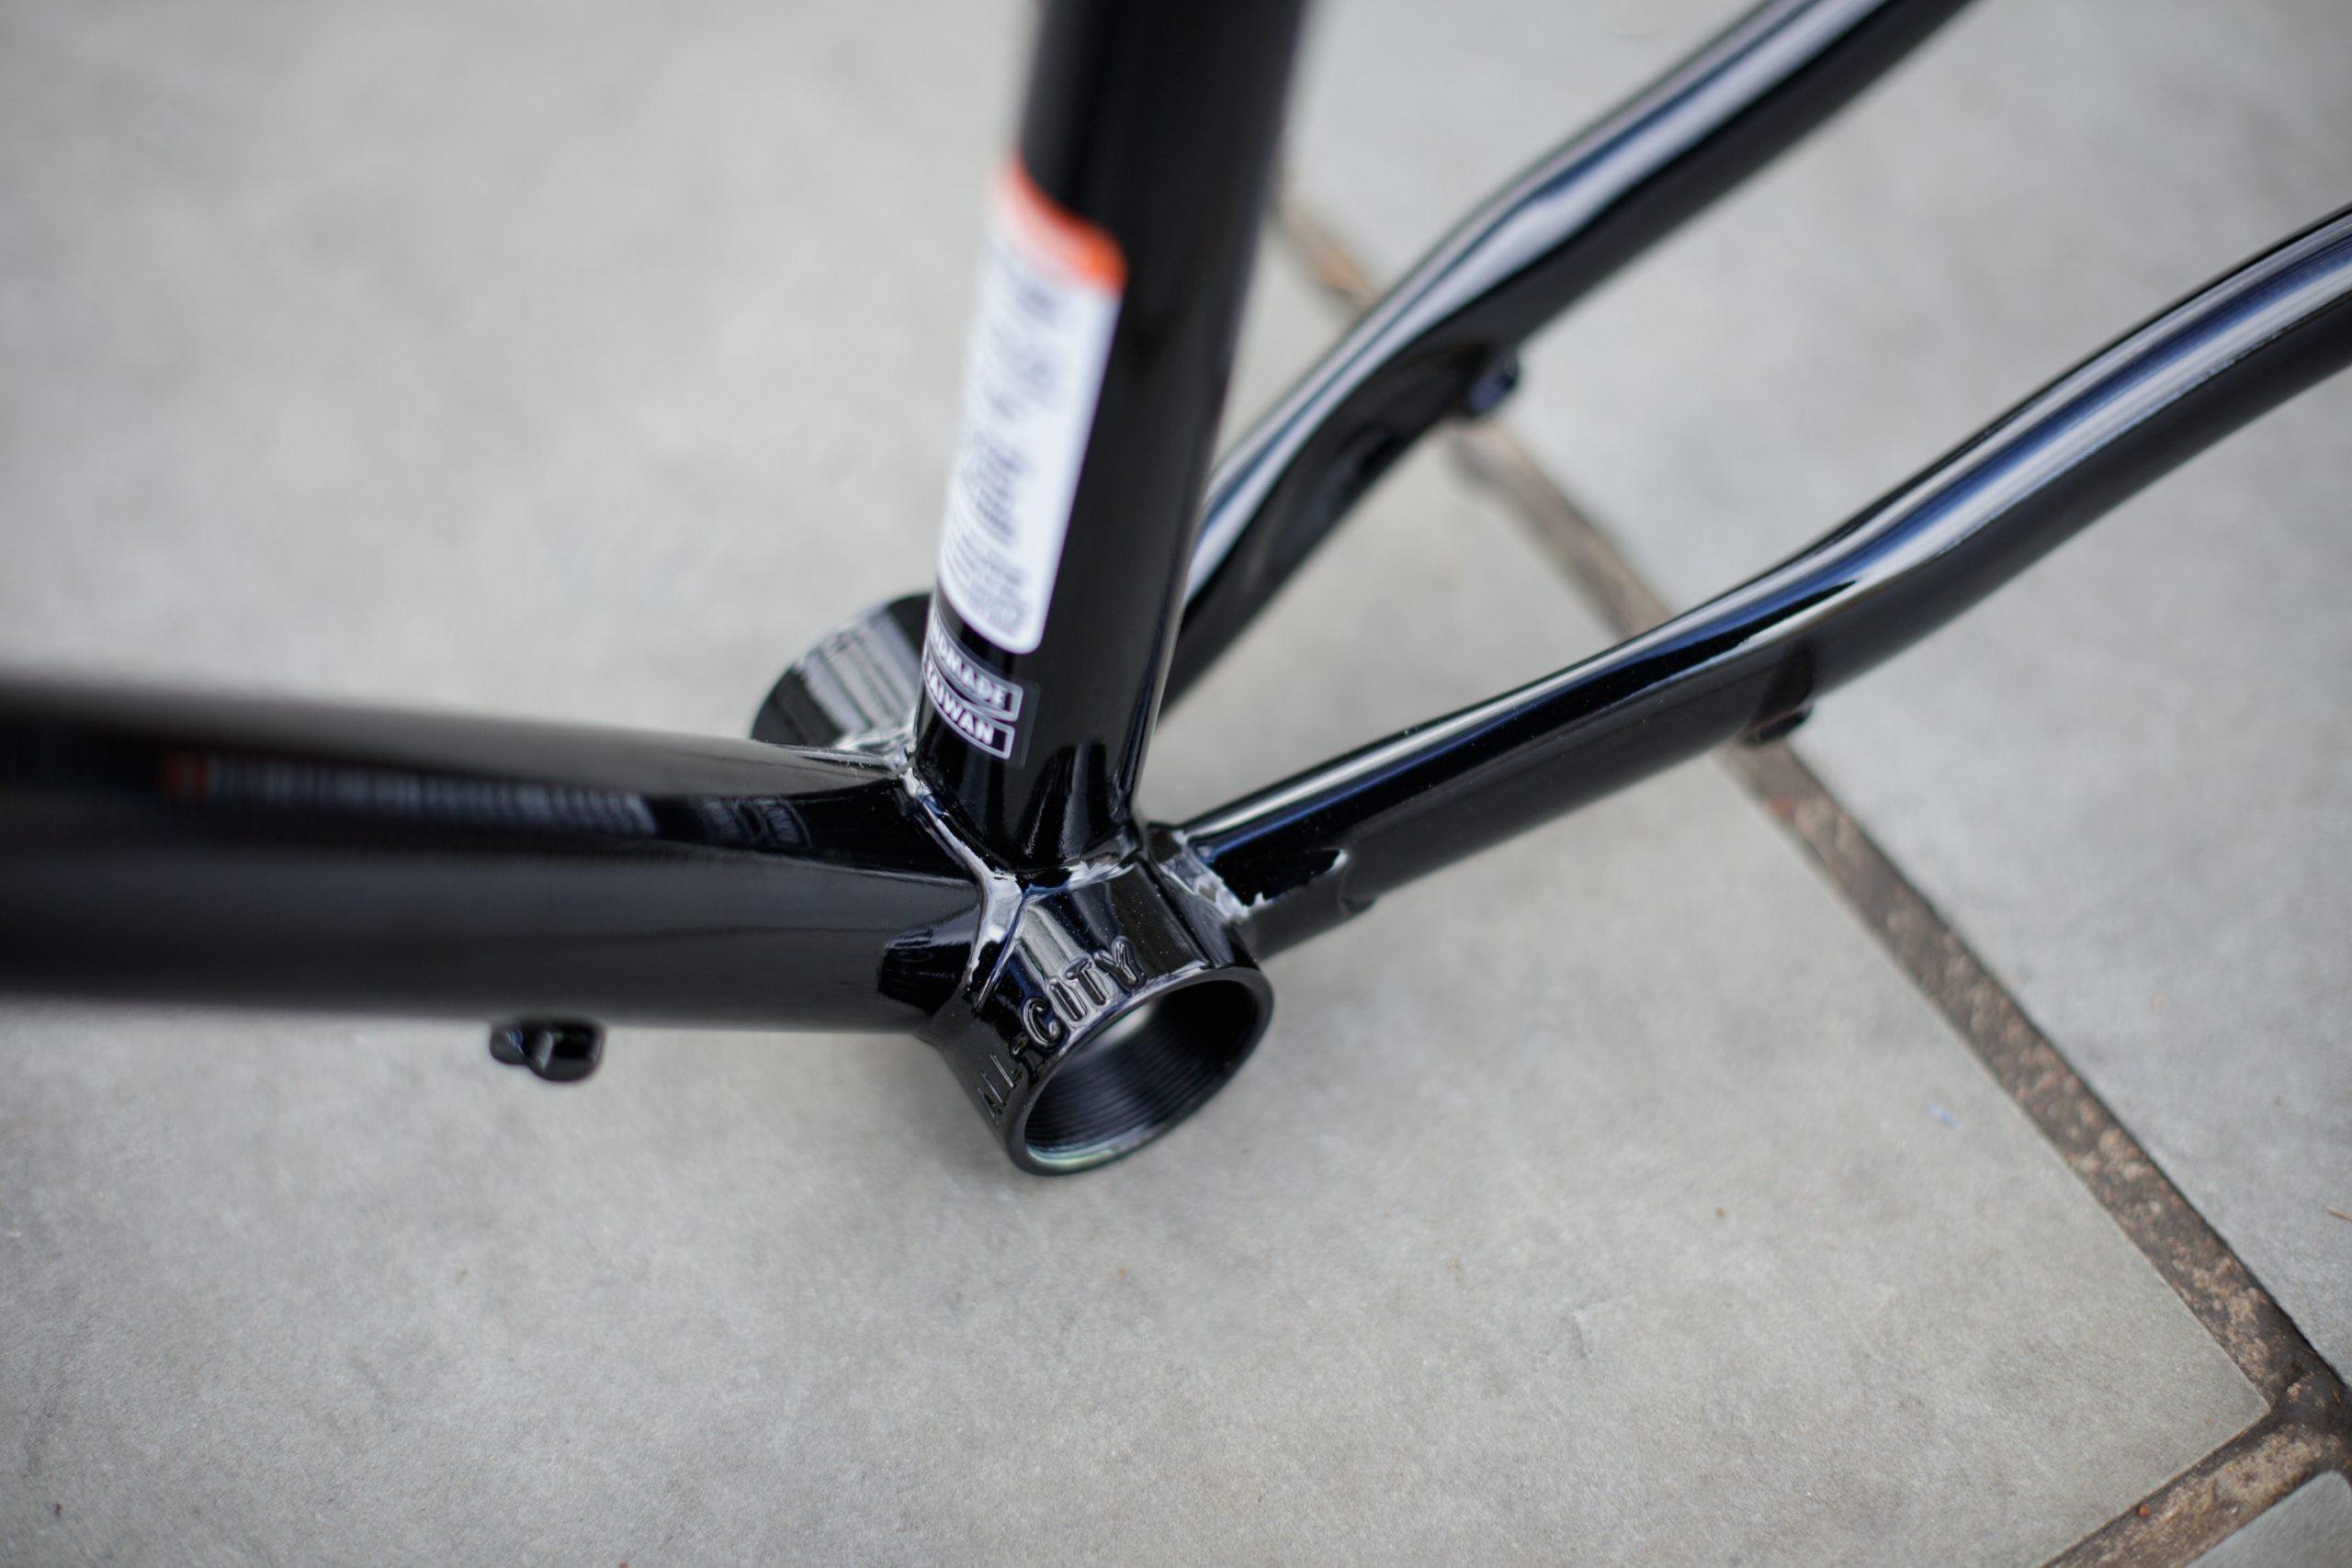 Bottom bracket shel